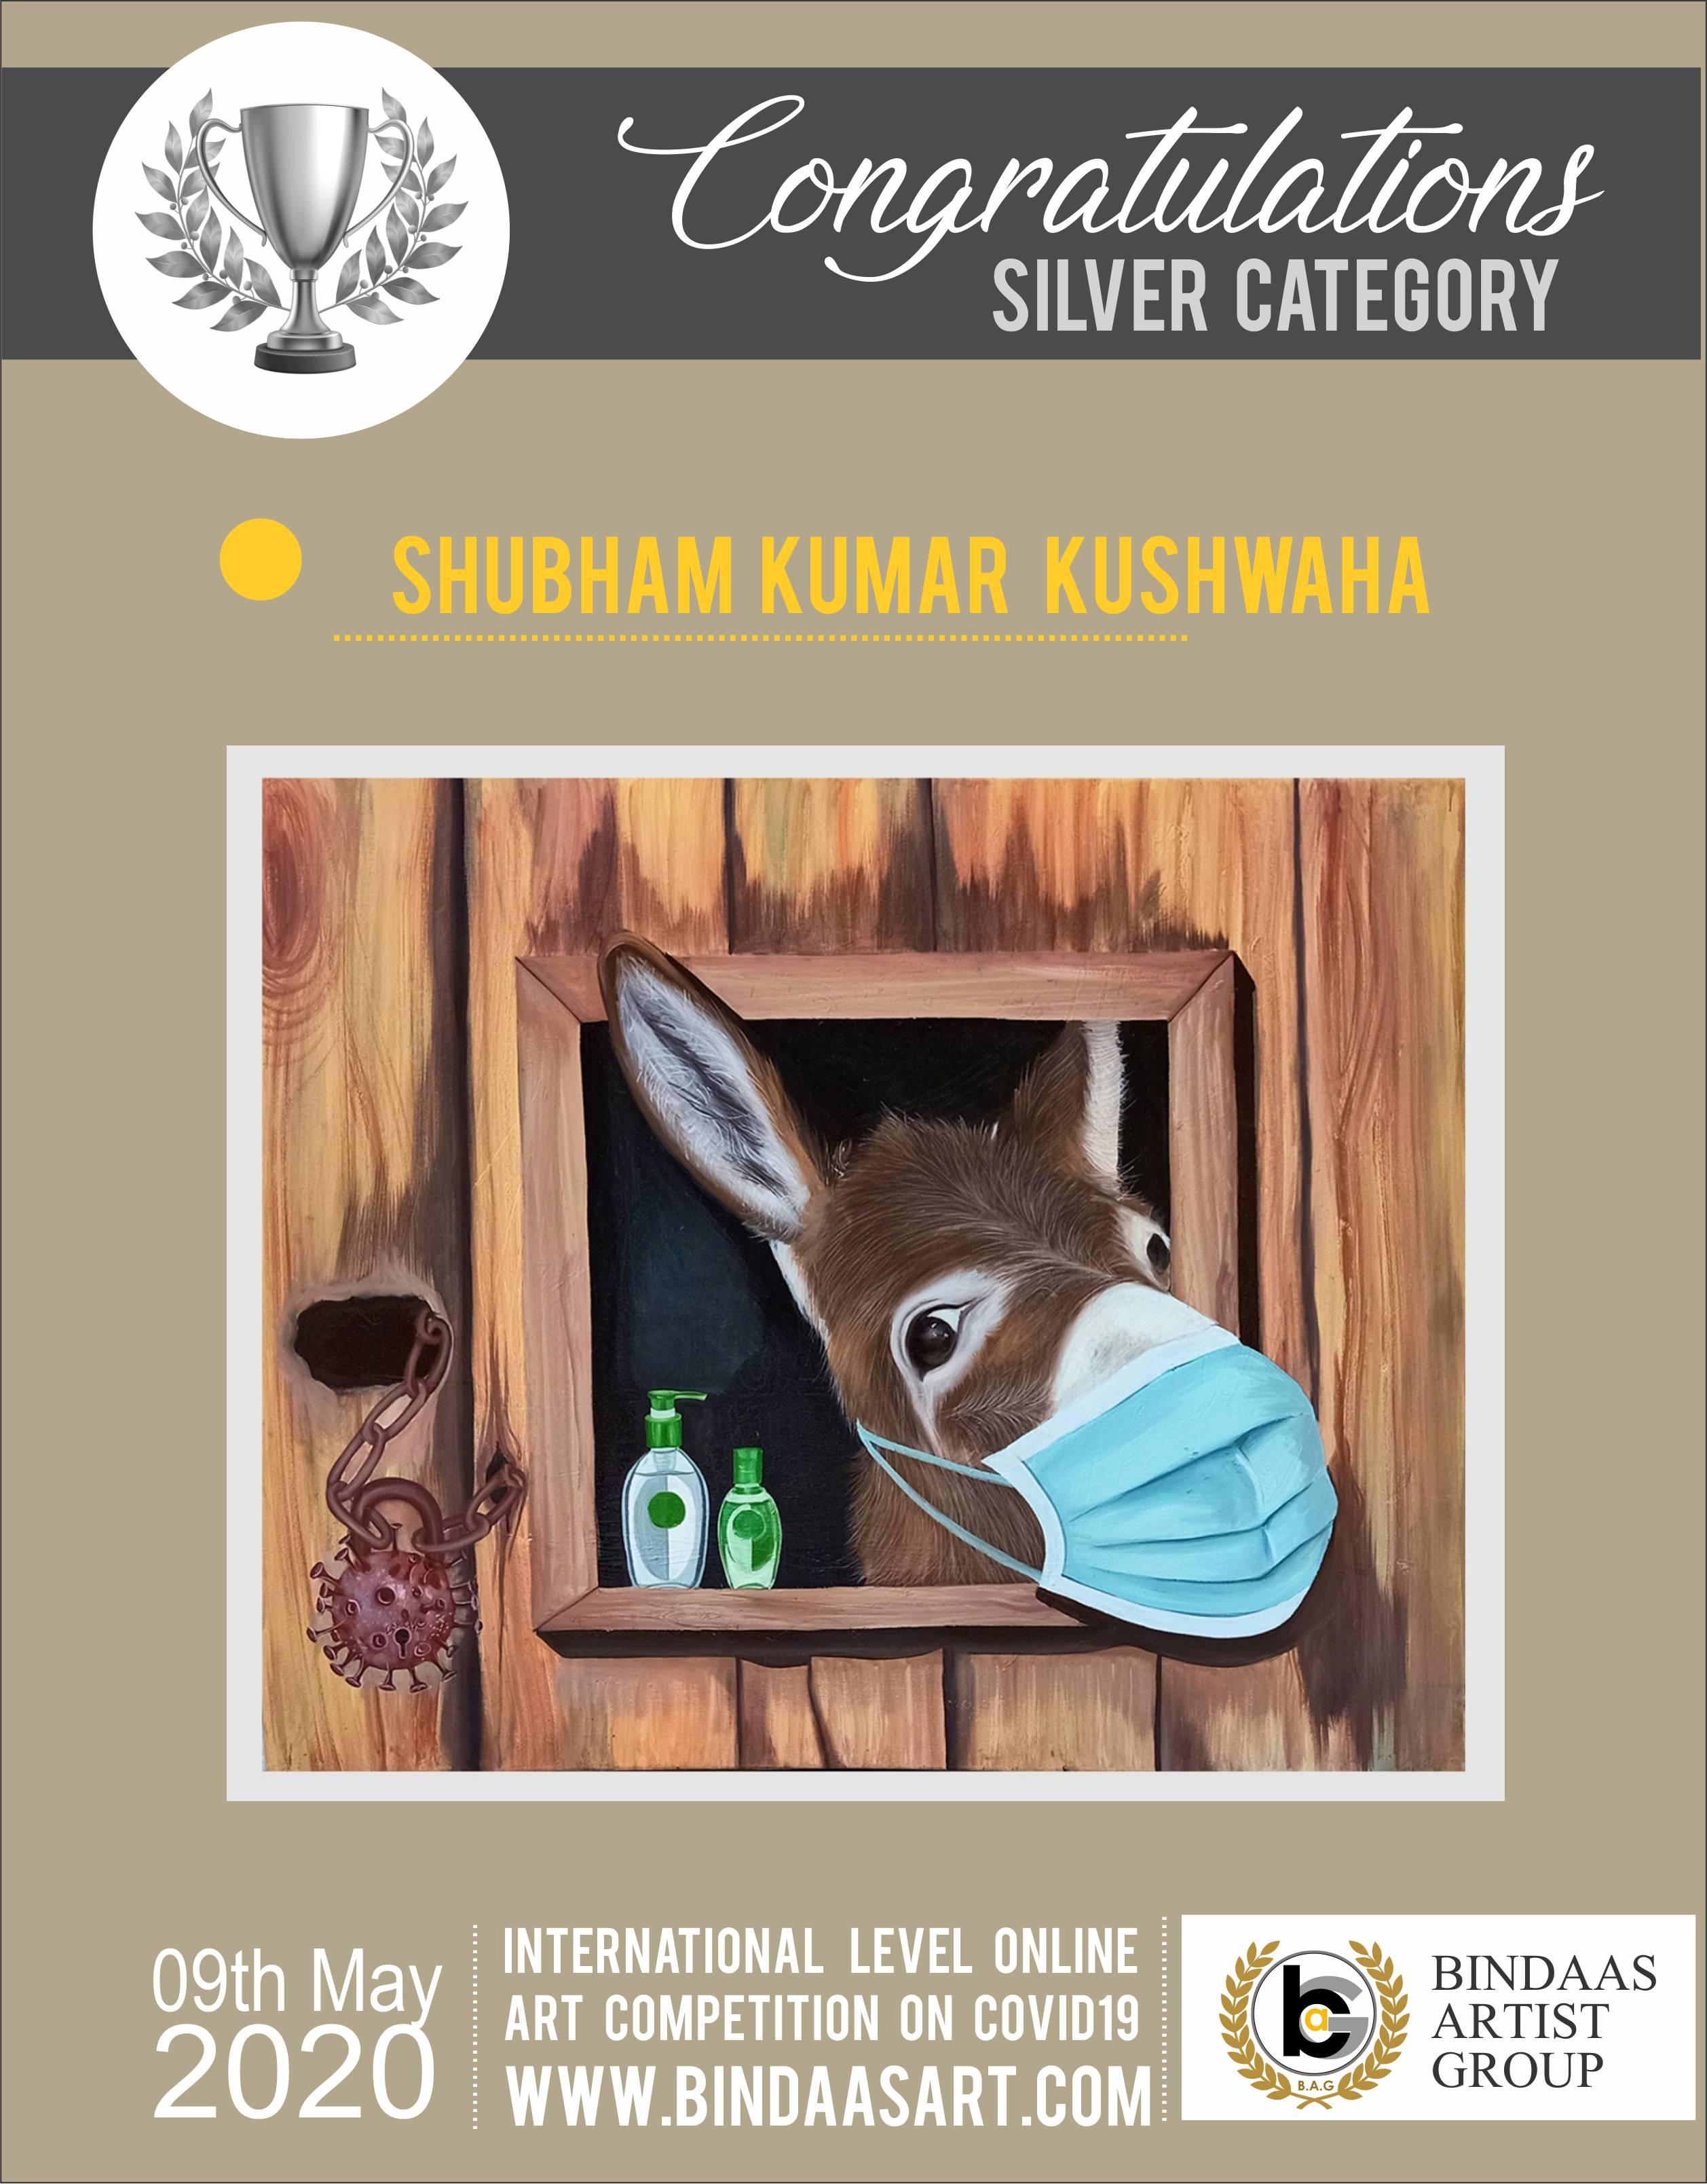 SHUBHAM KUMAR KUSHWAHA